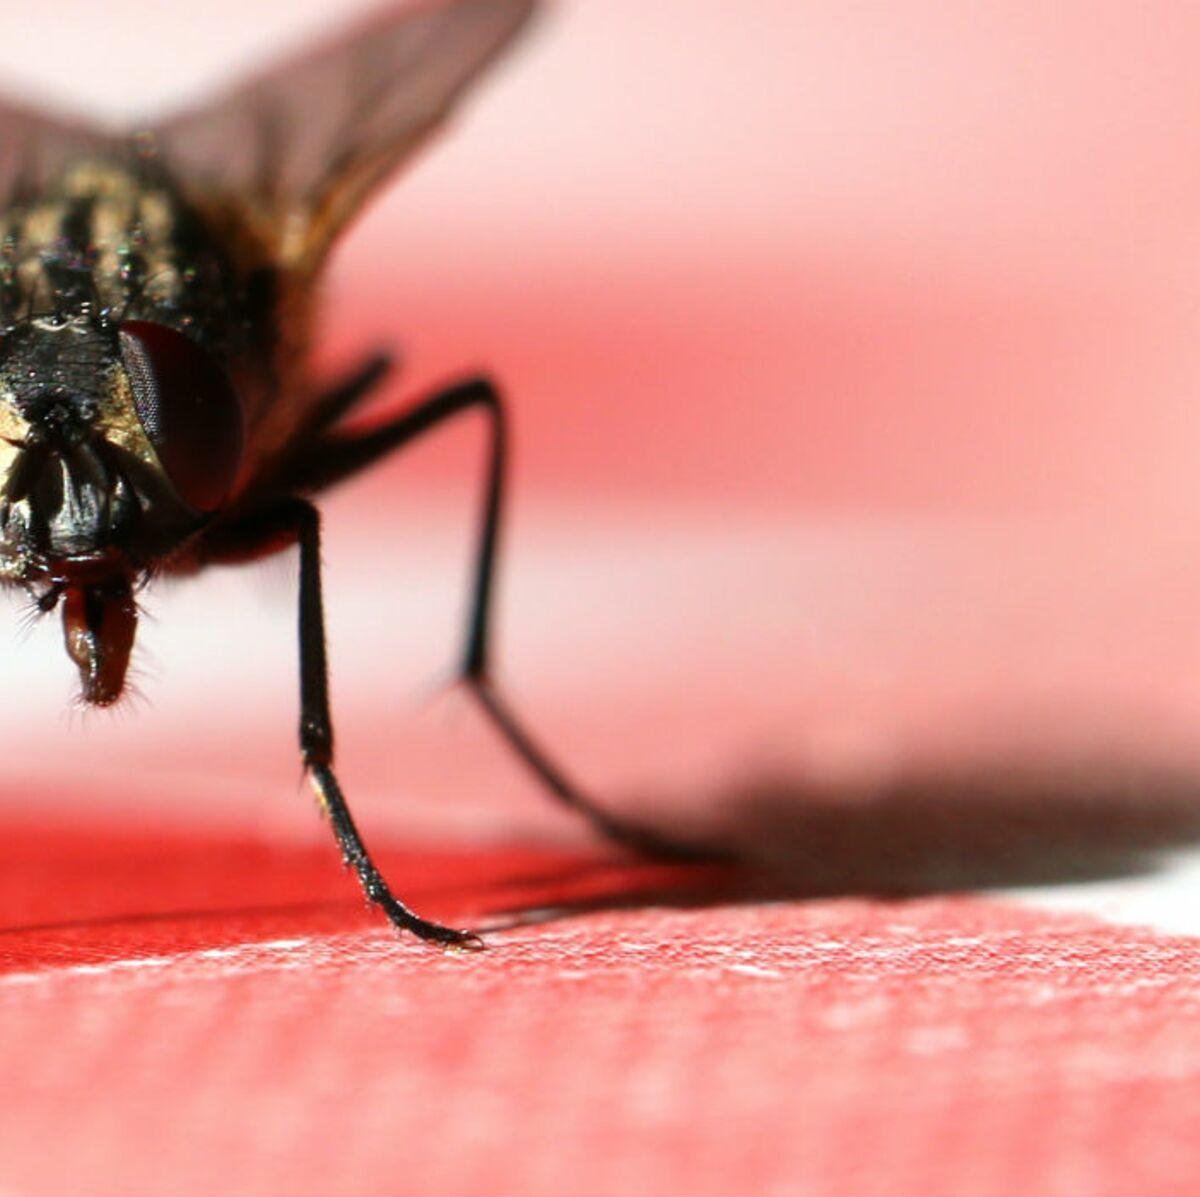 Comment Se Débarrasser De Moucherons Naturellement 8 astuces naturelles pour se débarrasser des mouches dans la